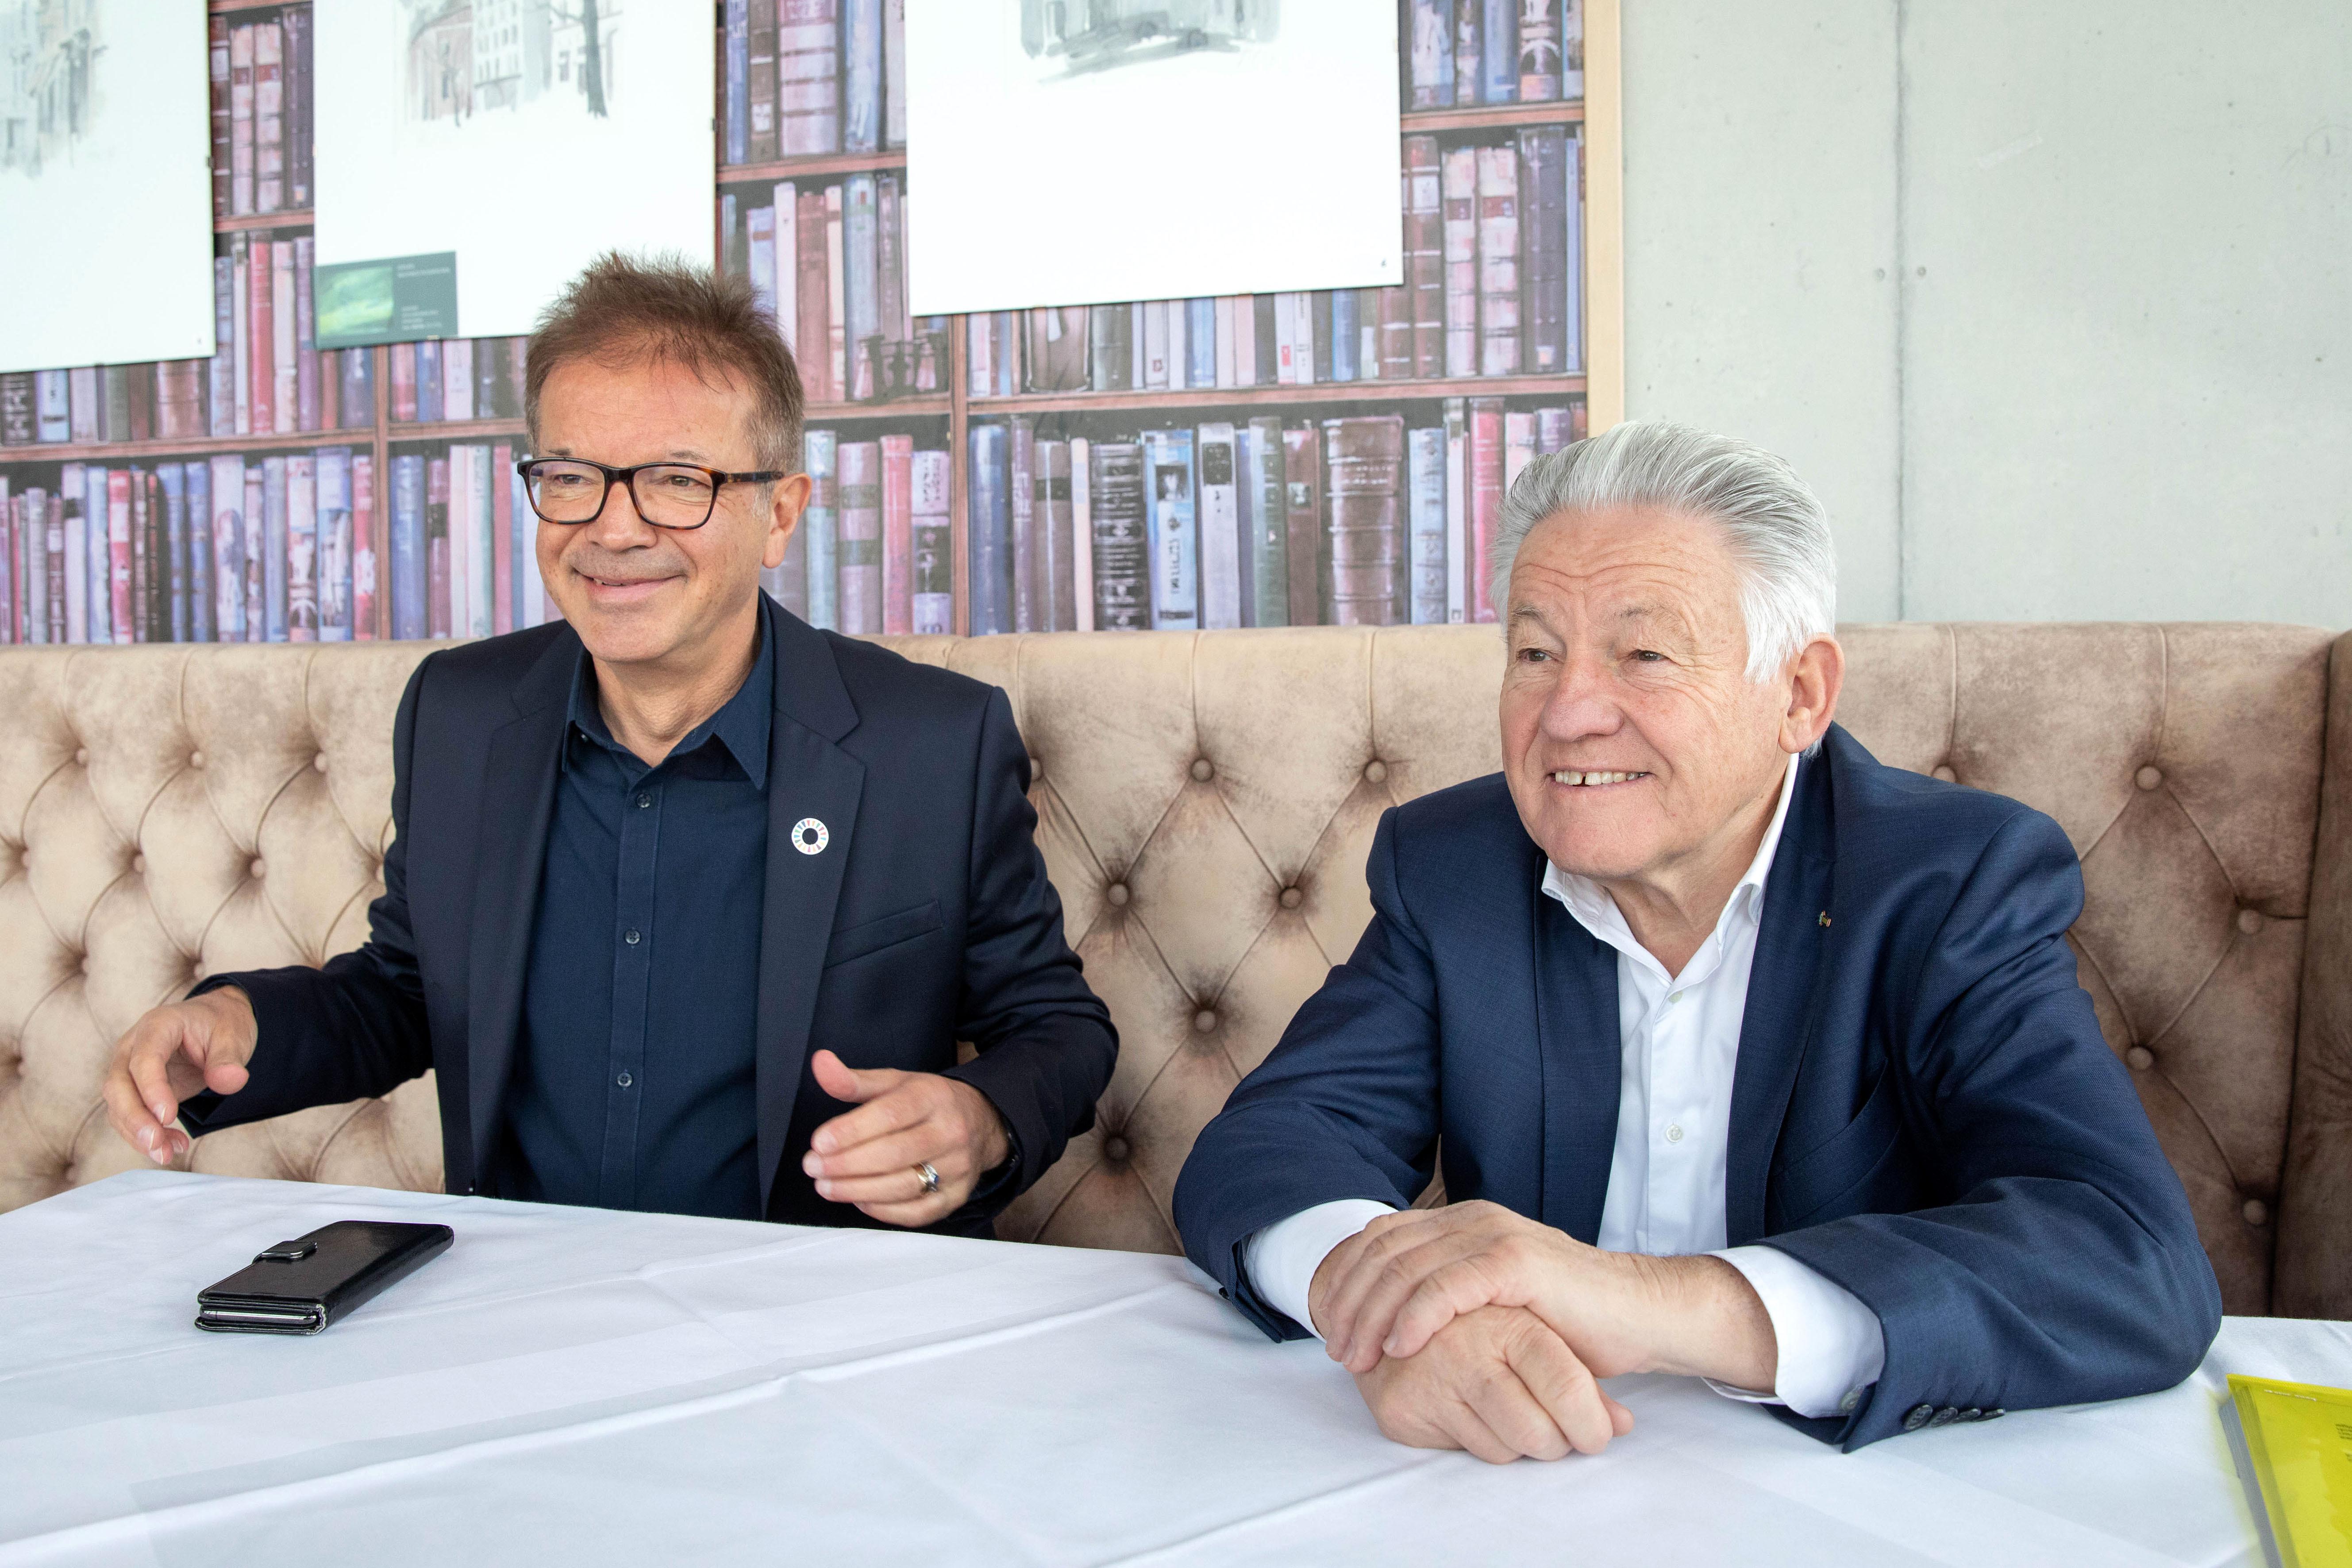 Minister Rudi Anschober und LH a.D. Josef Pühringer